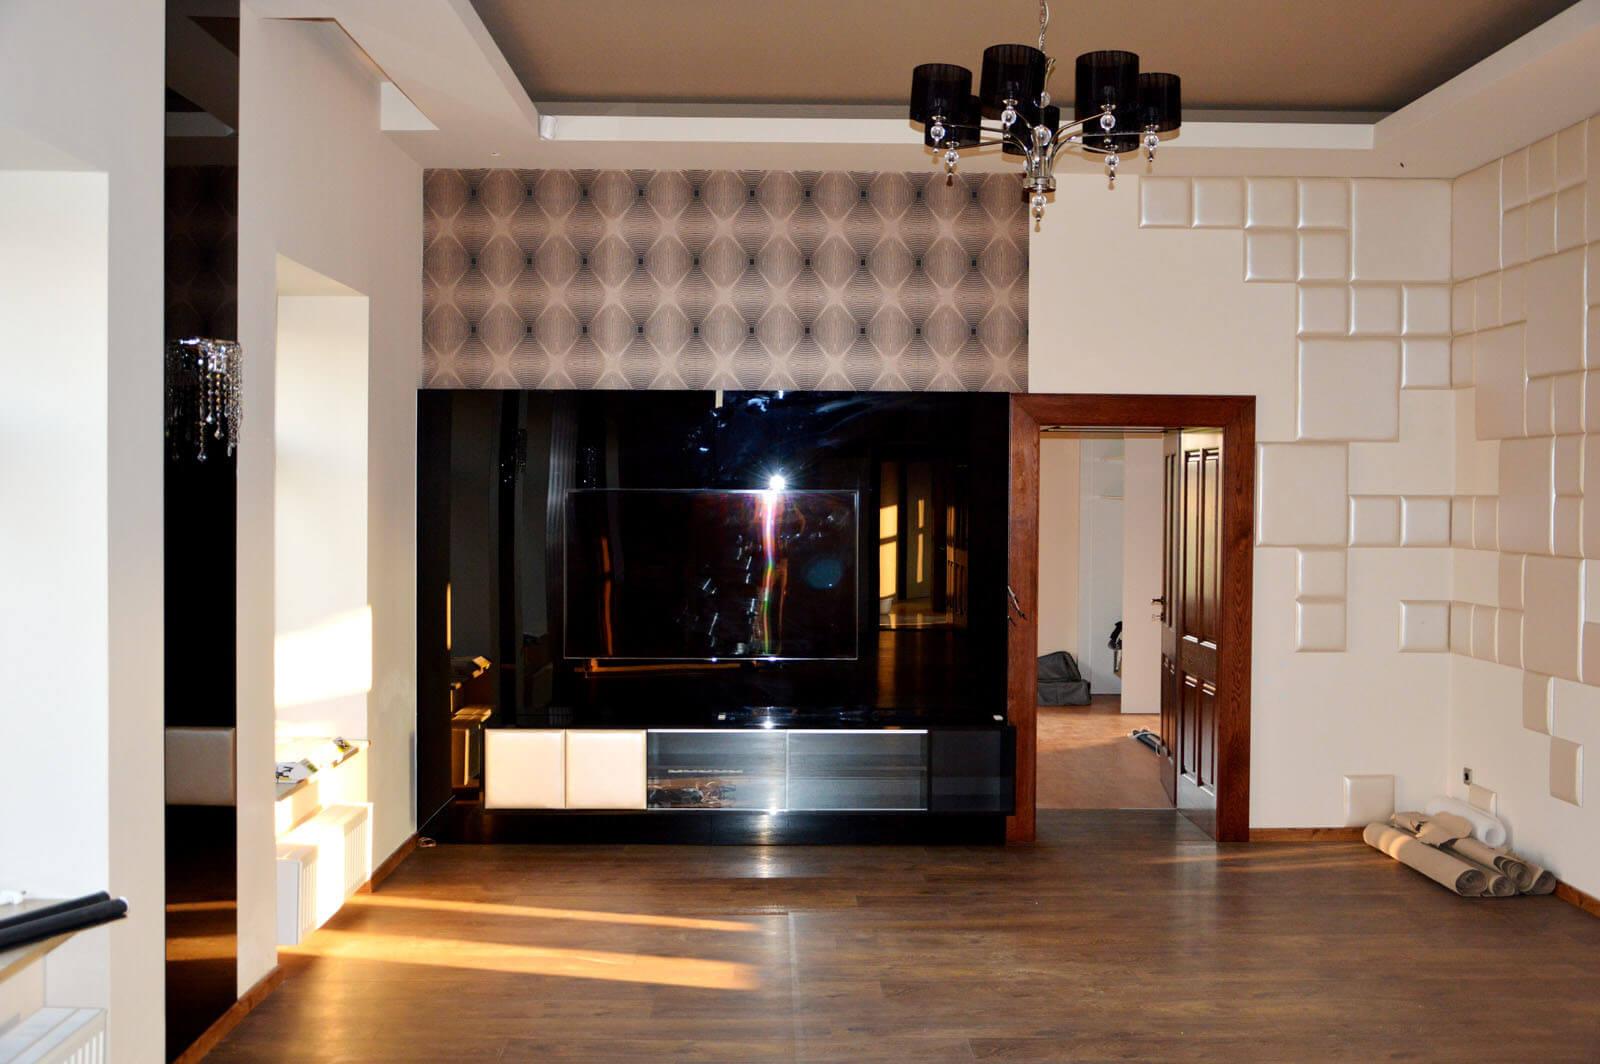 Egyedi nappali bútor gyártás üveghátlappal, fekete színben, beépített tv-vel